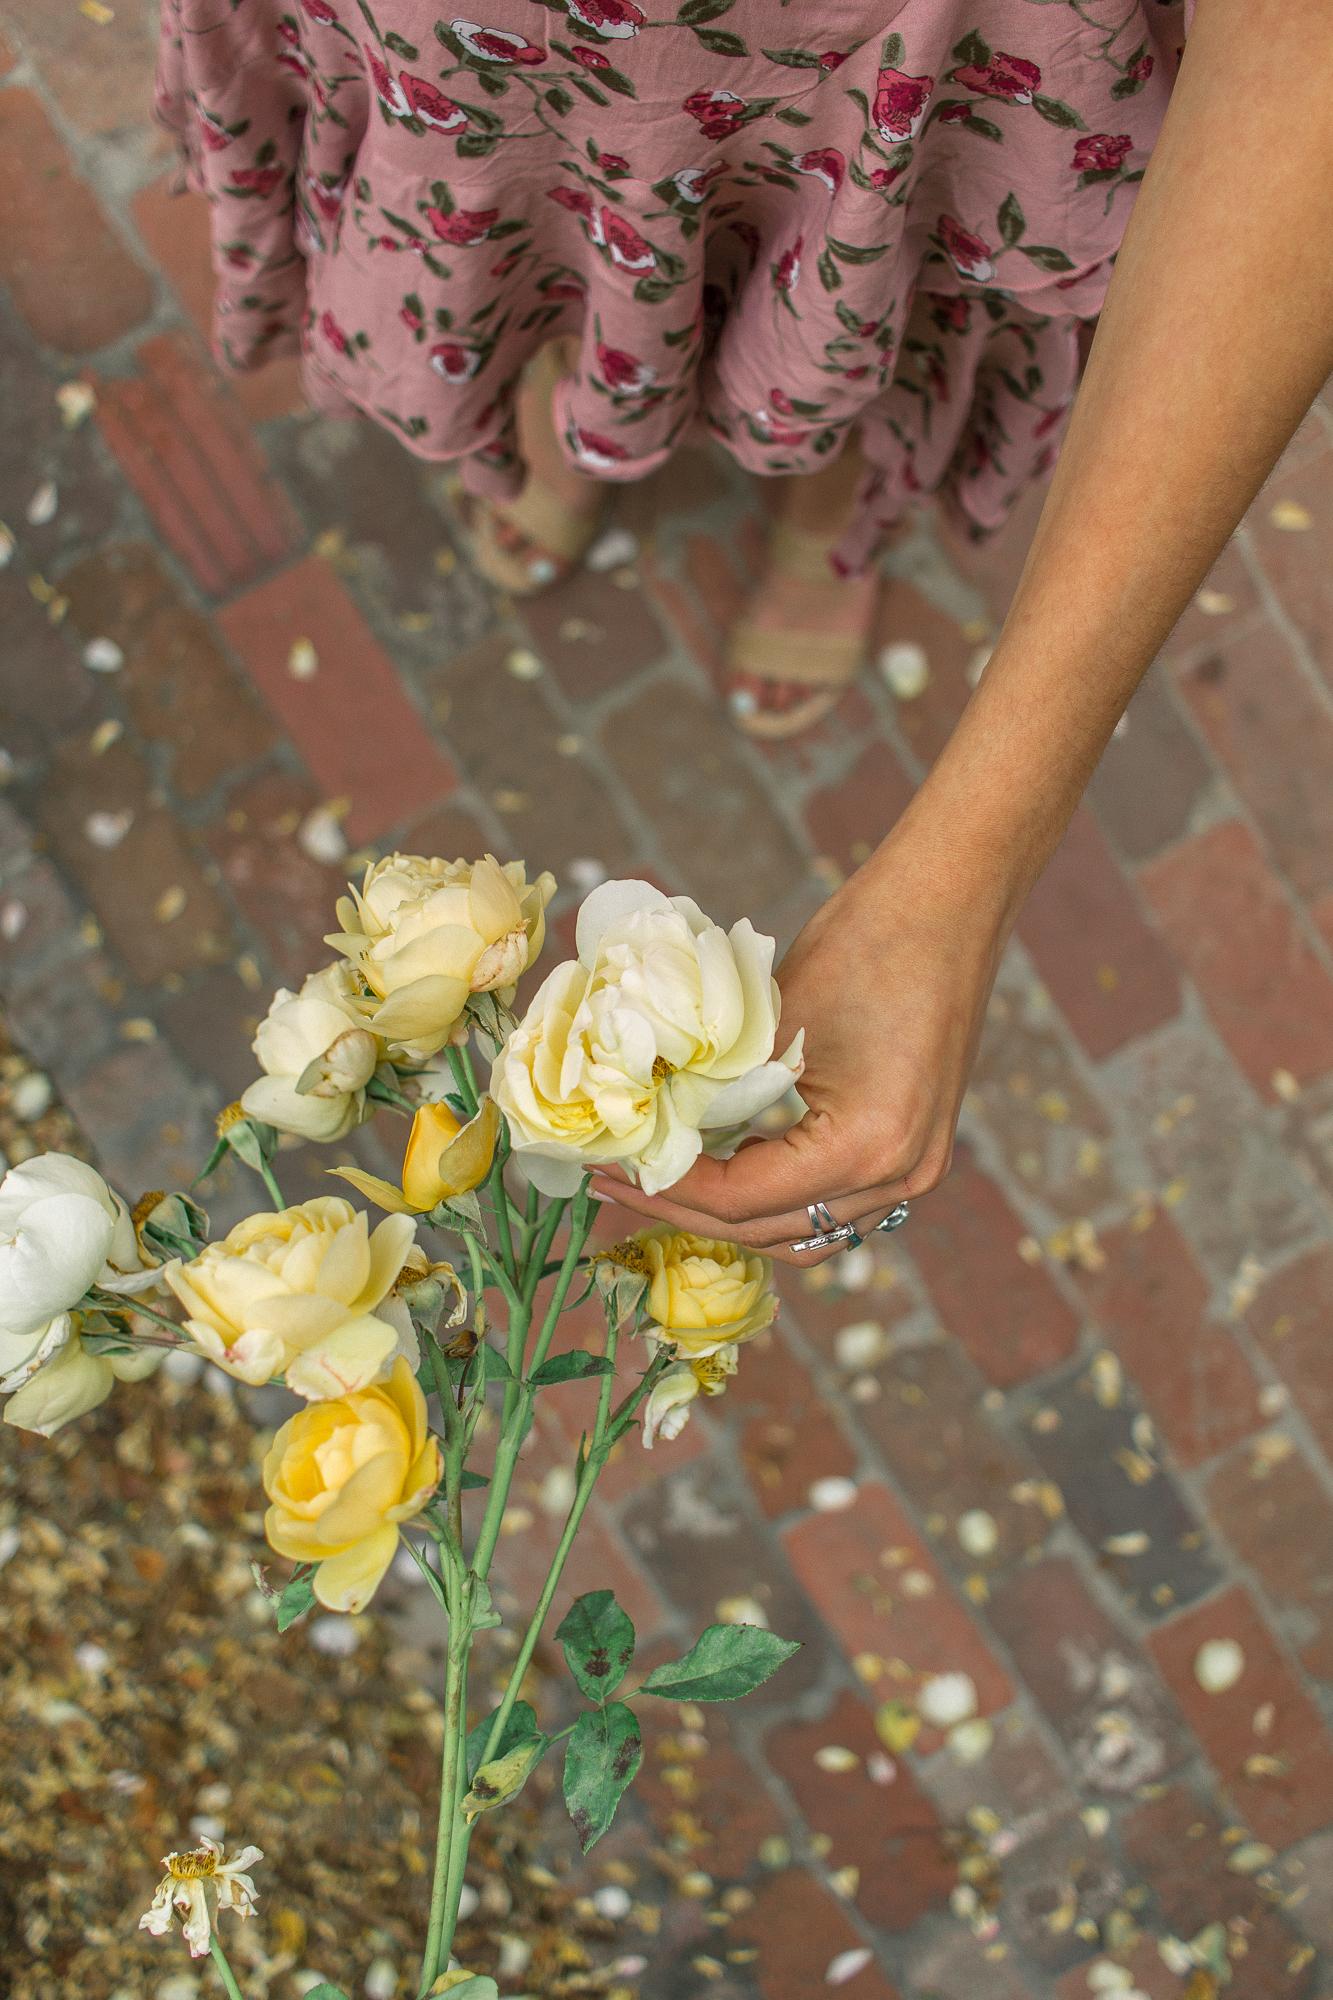 la arboretum rose garden 22